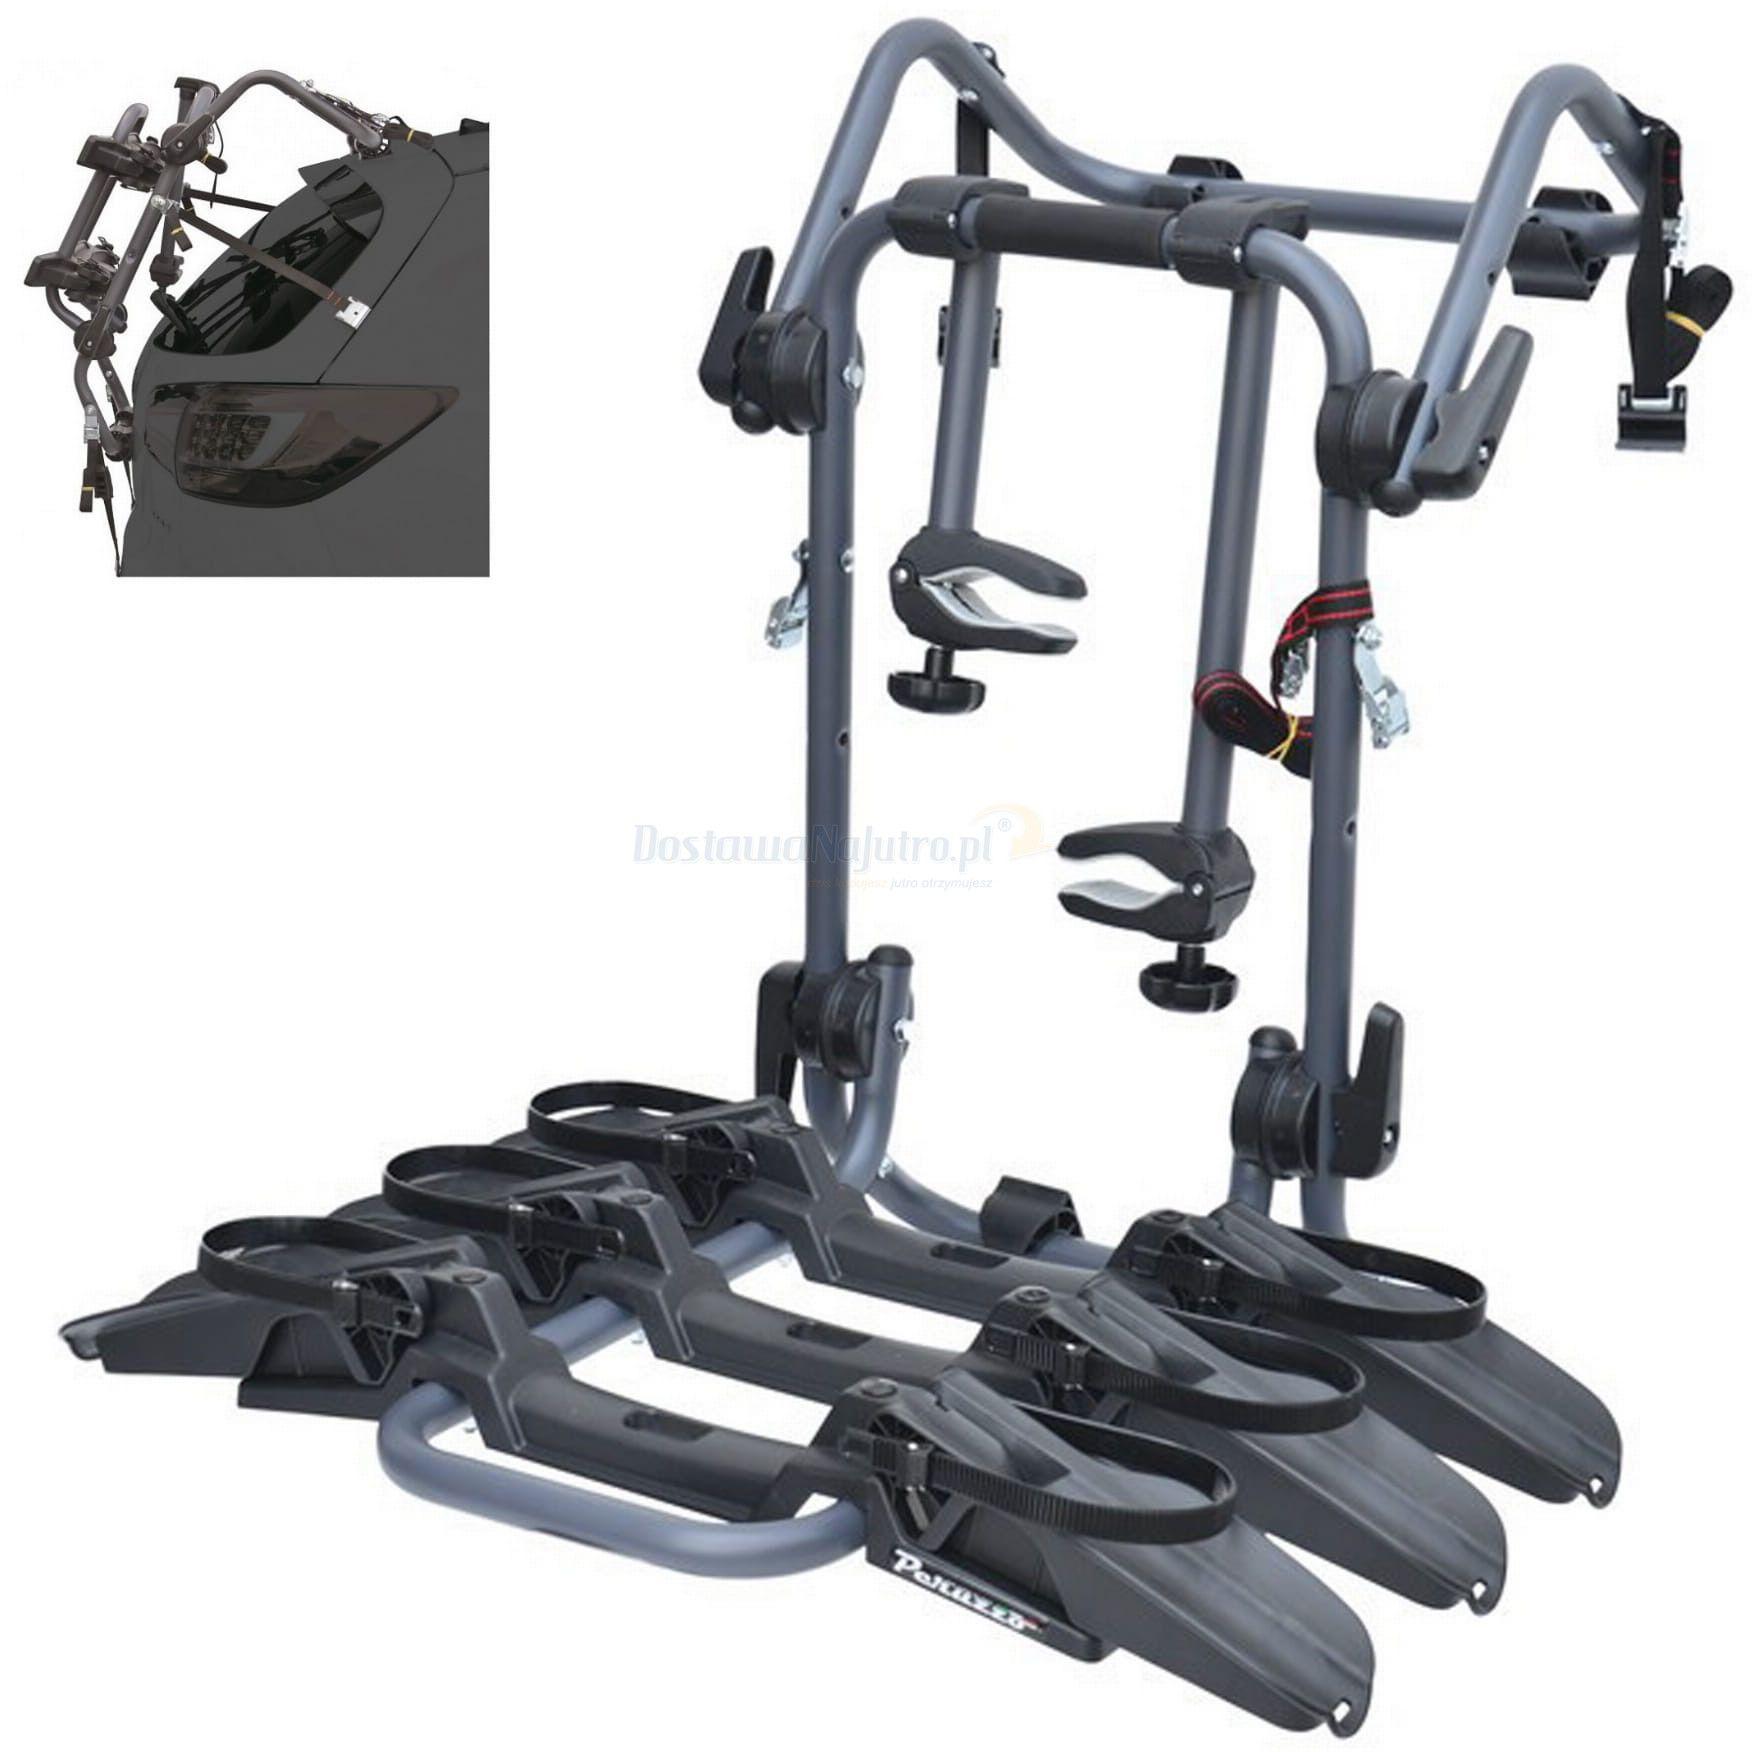 Tylny bagażnik montaż na klapę Pure Instinct Peruzzo 3 rowery